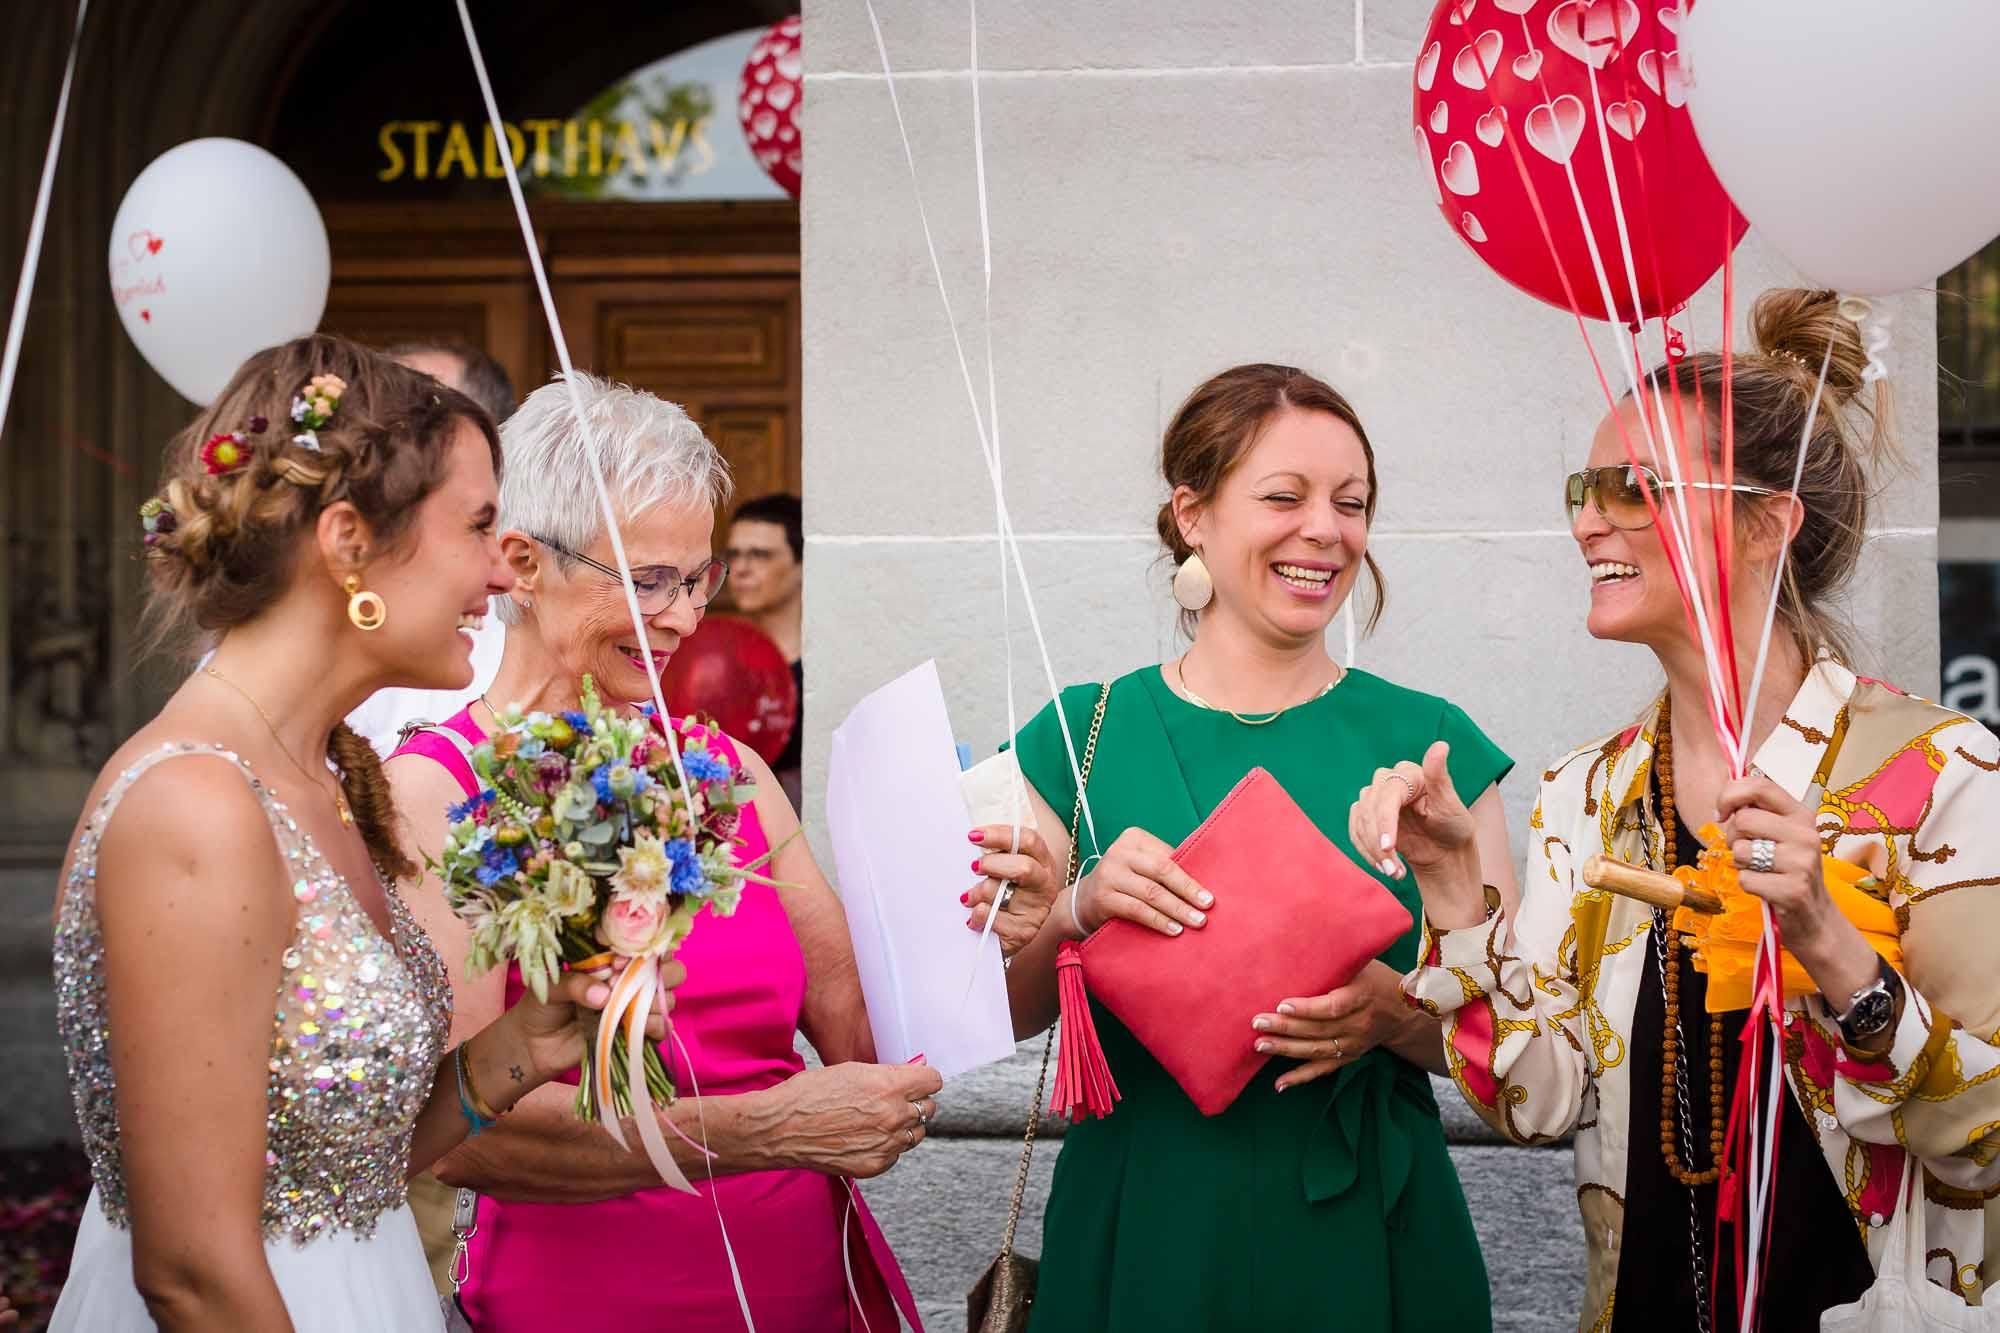 Gäste lachen und verteilen Ballone